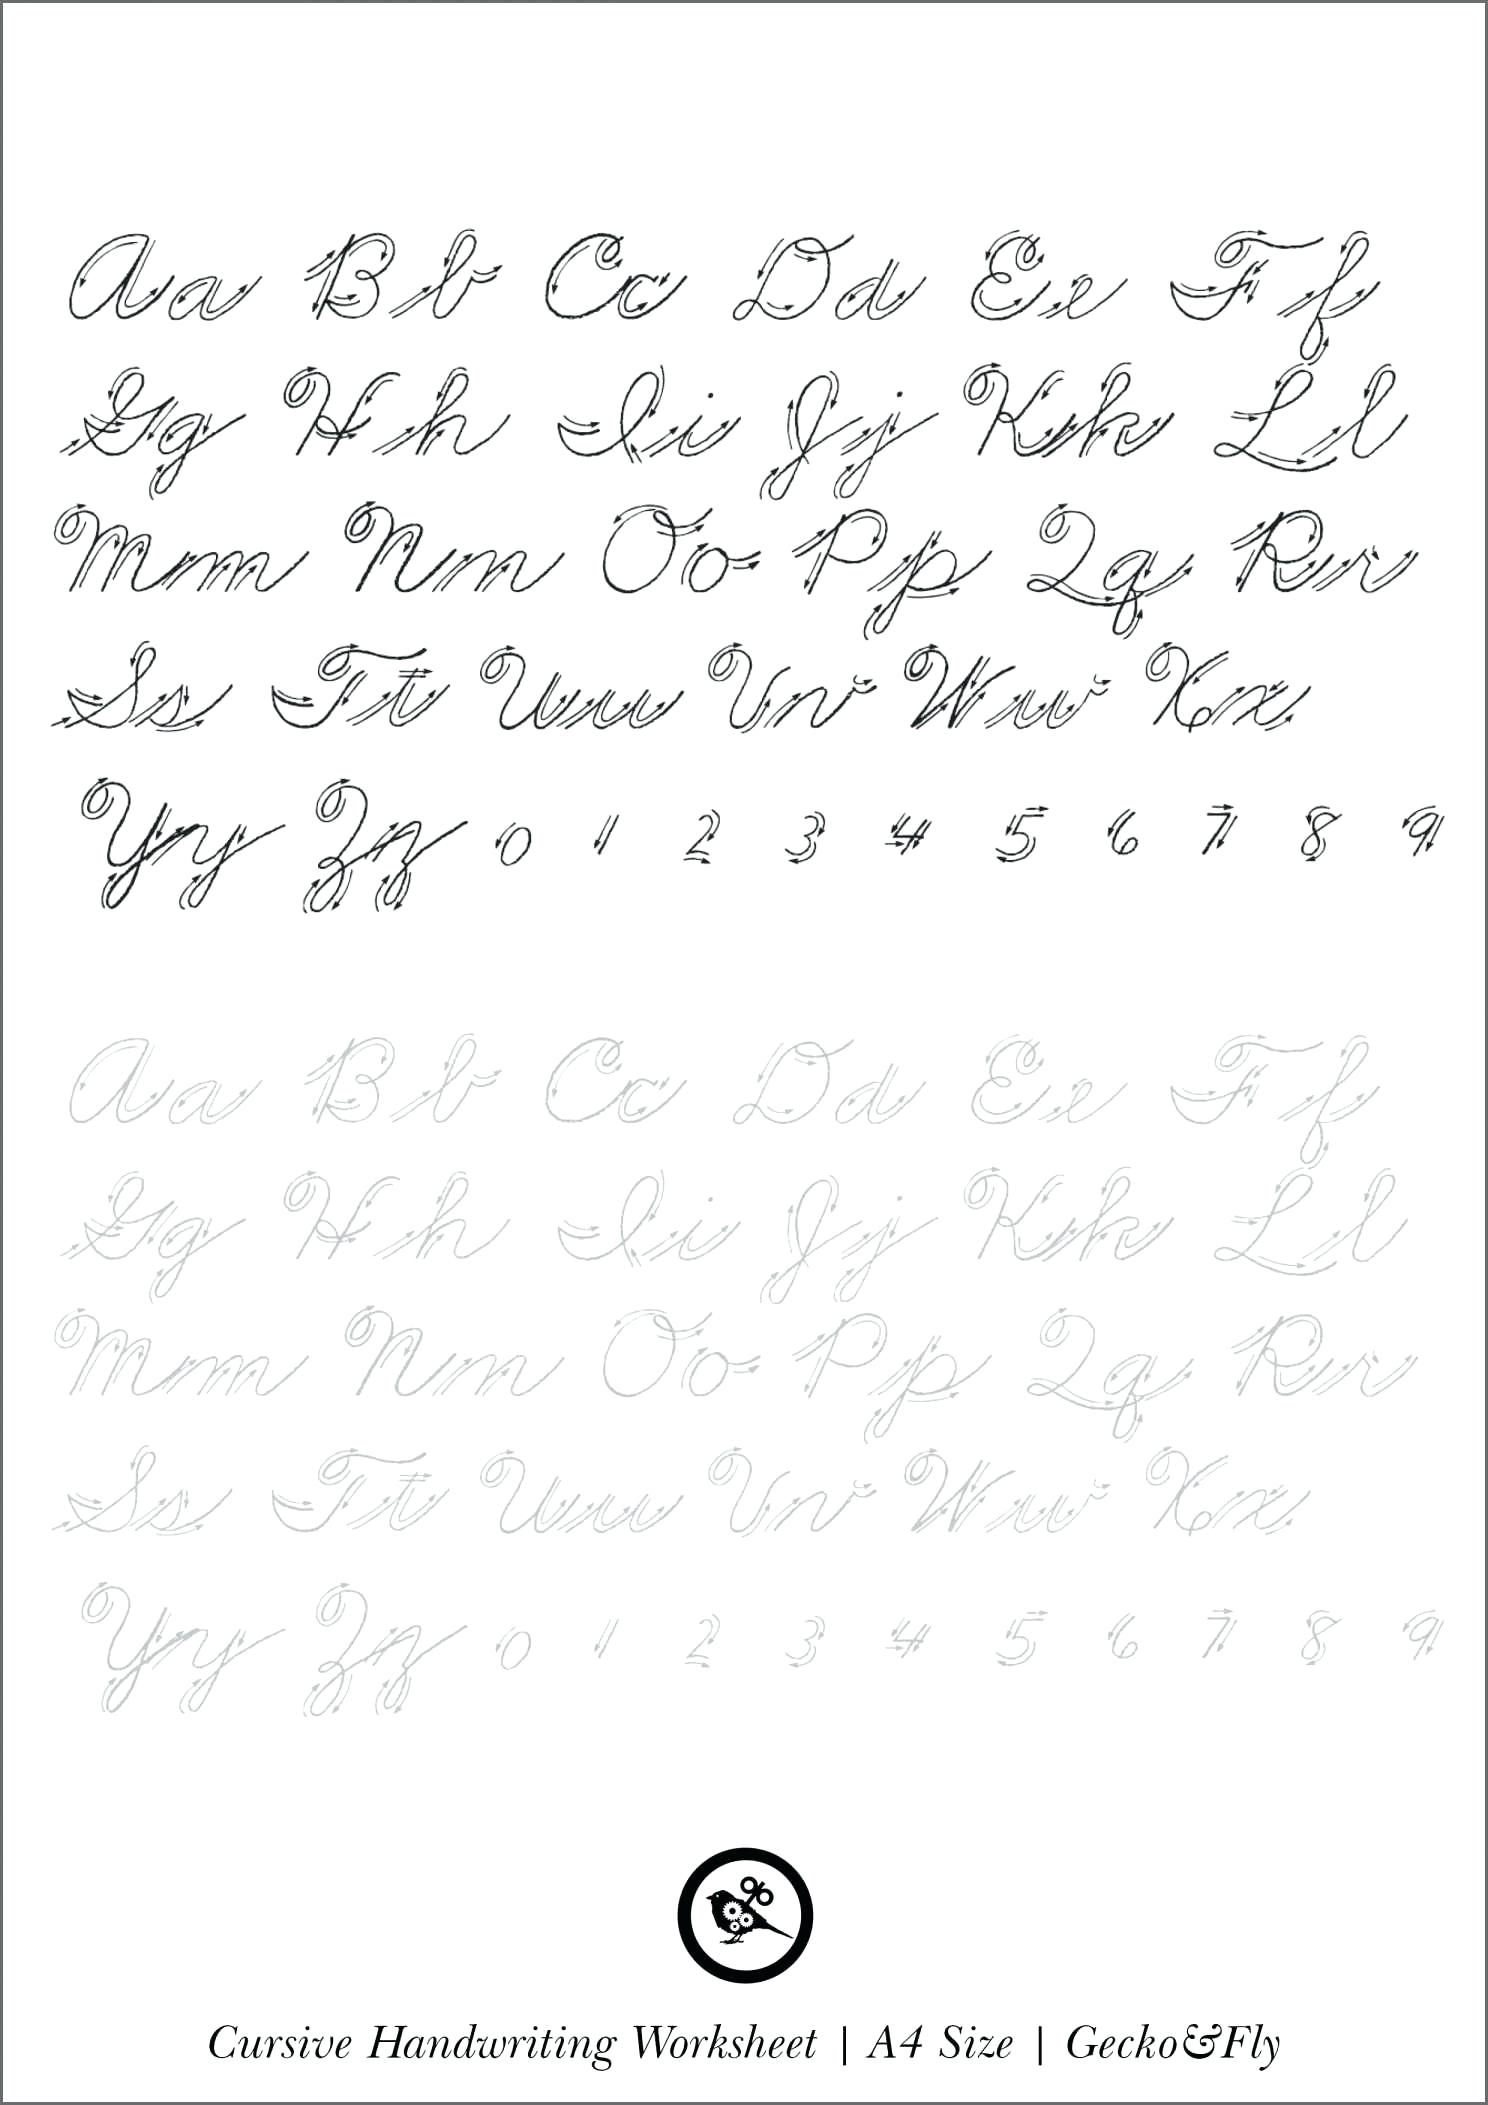 Printable Cursive Handwriting Cursive Click Here To Download Your | Printable Cursive Handwriting Worksheet Generator